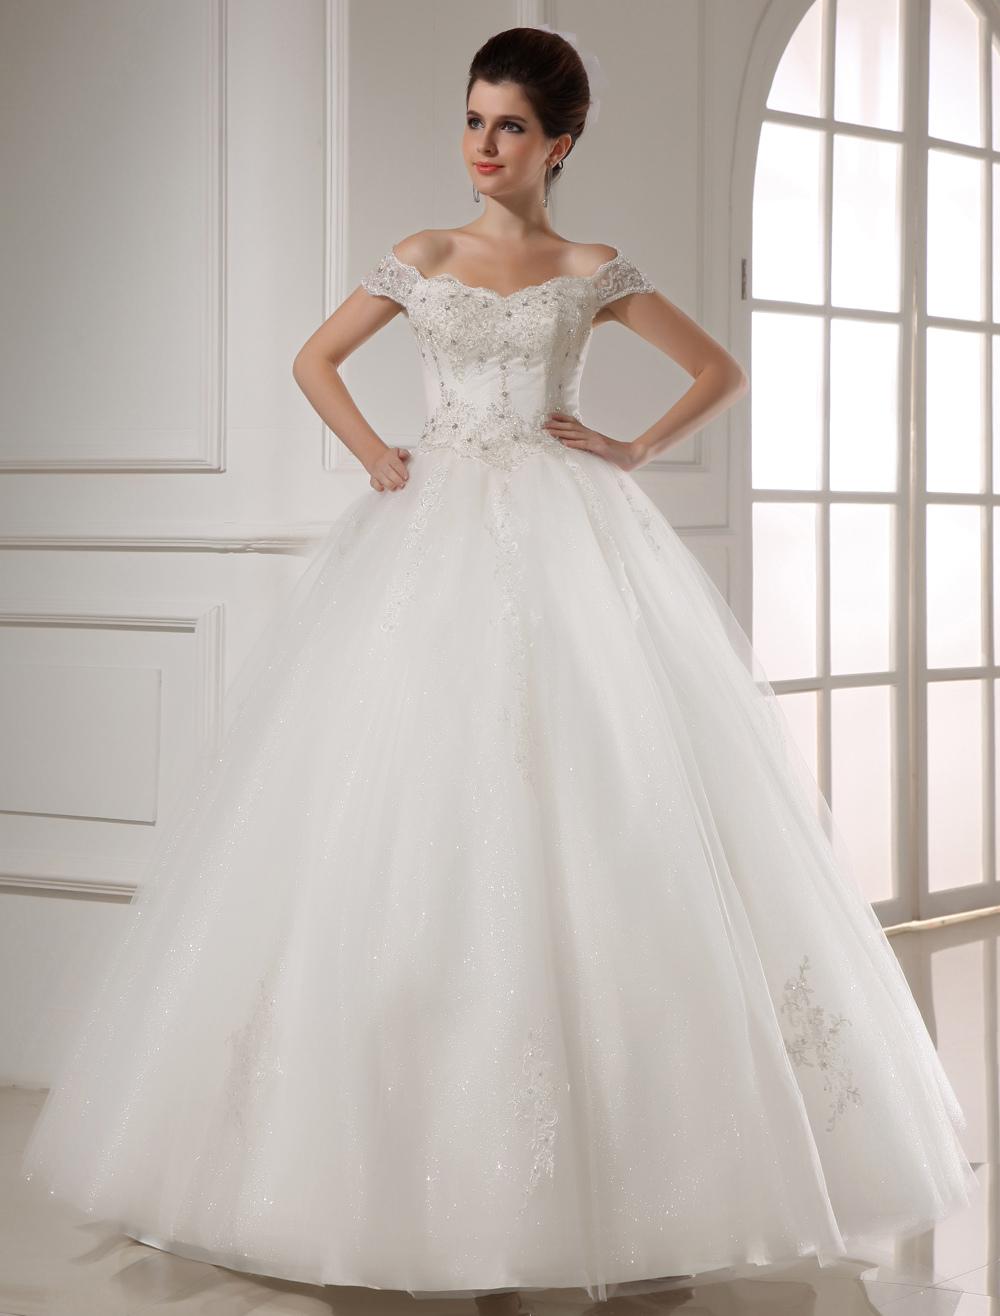 88ace25012d1 Robe de mariee col asymetrique – Modèles populaires de robes